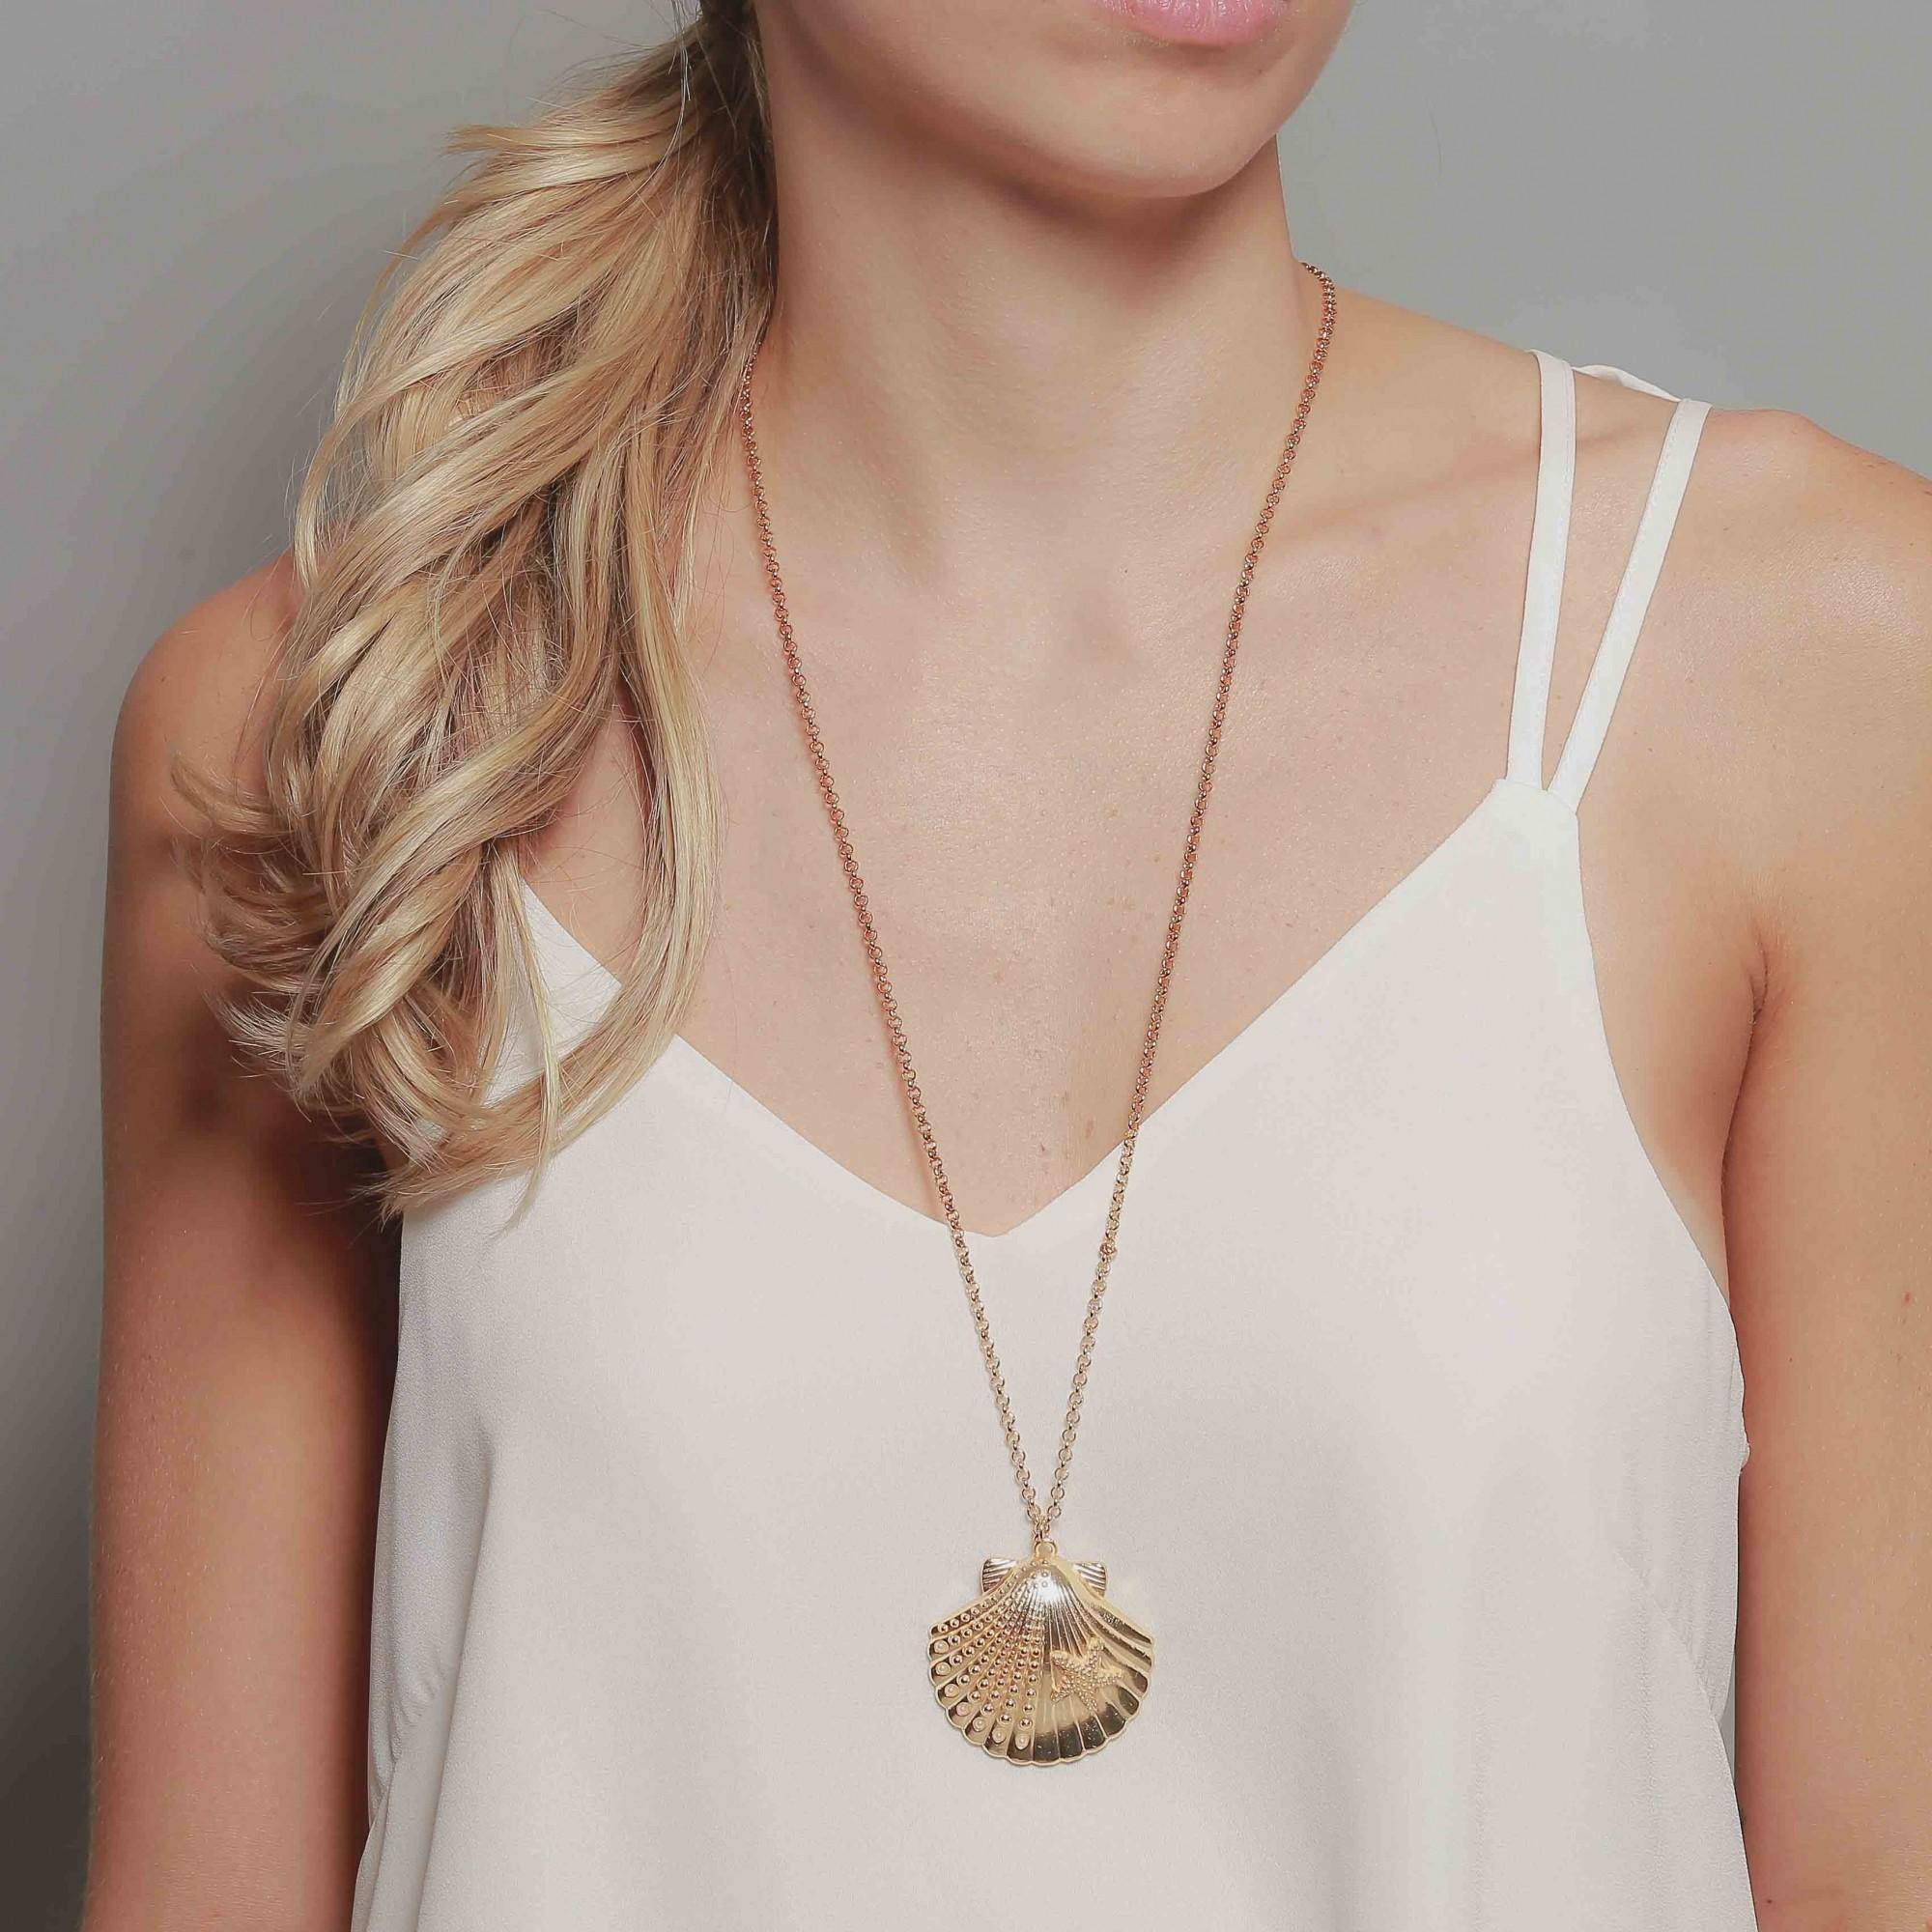 Colar concha banhado à ouro 18k  - romabrazil.com.br